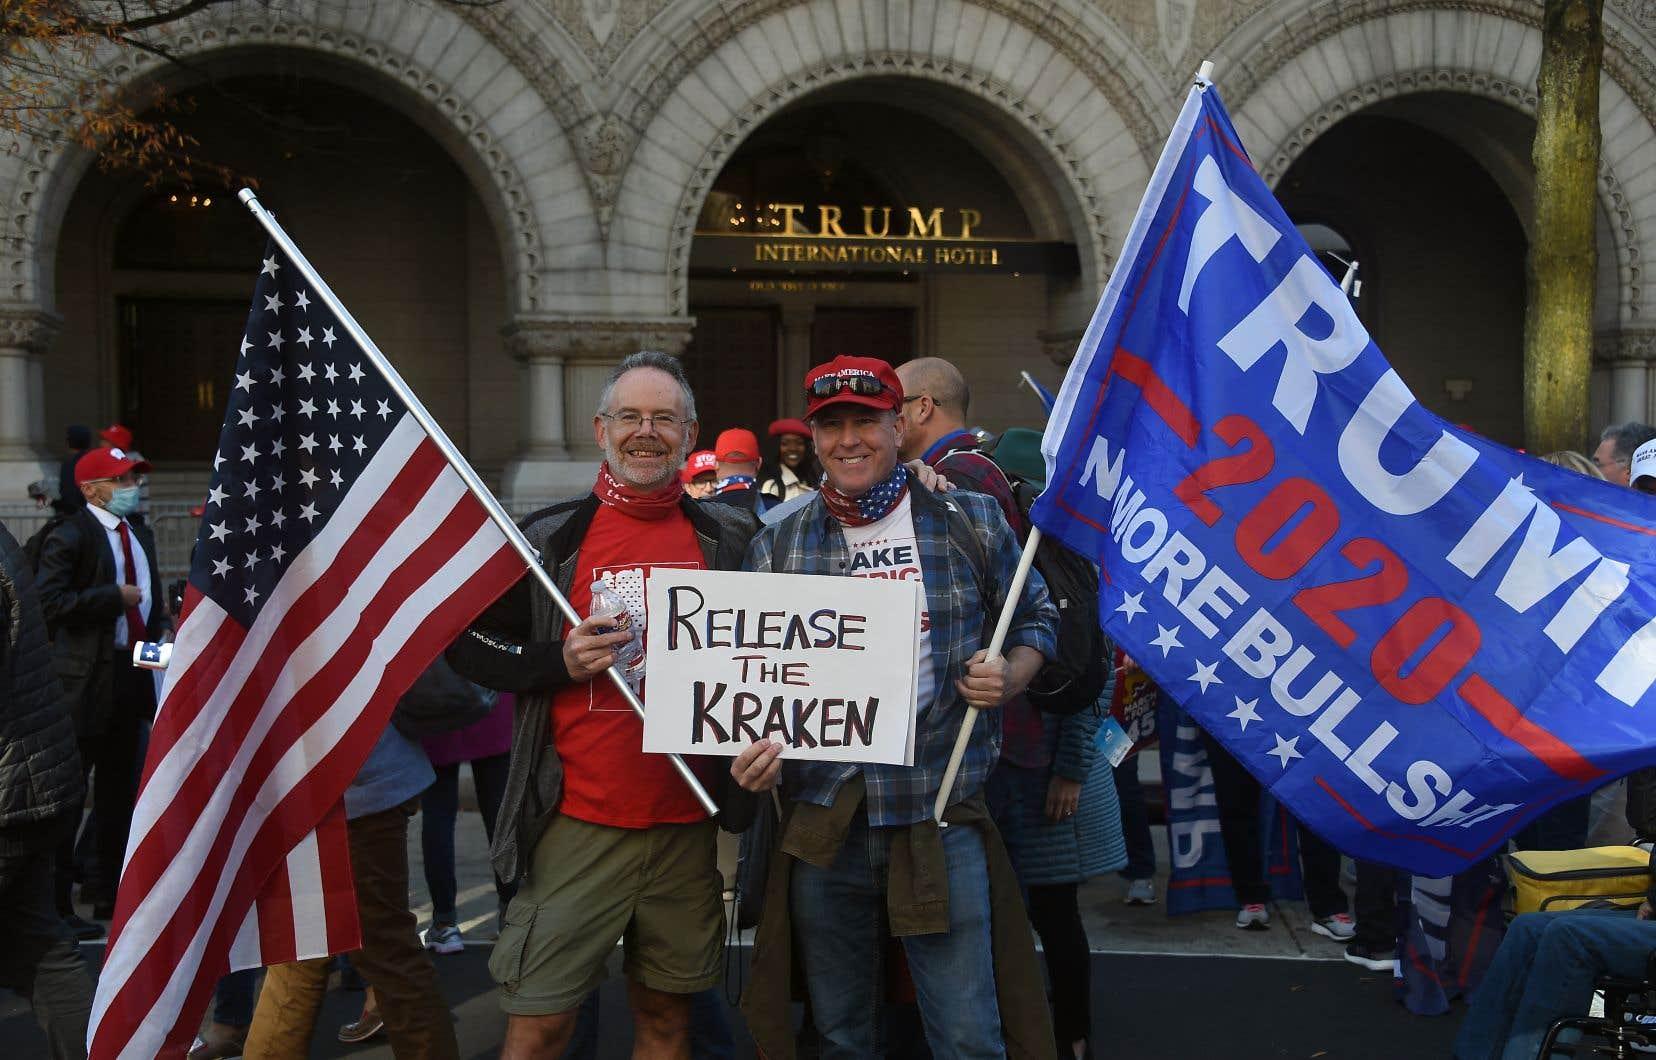 À l'approche du 4 mars prochain, date annoncée de nouvelles manifestations des fidèles de l'ex-président, le Trump International Hotel de Washington a décidé de presque tripler le prix de ses chambres.